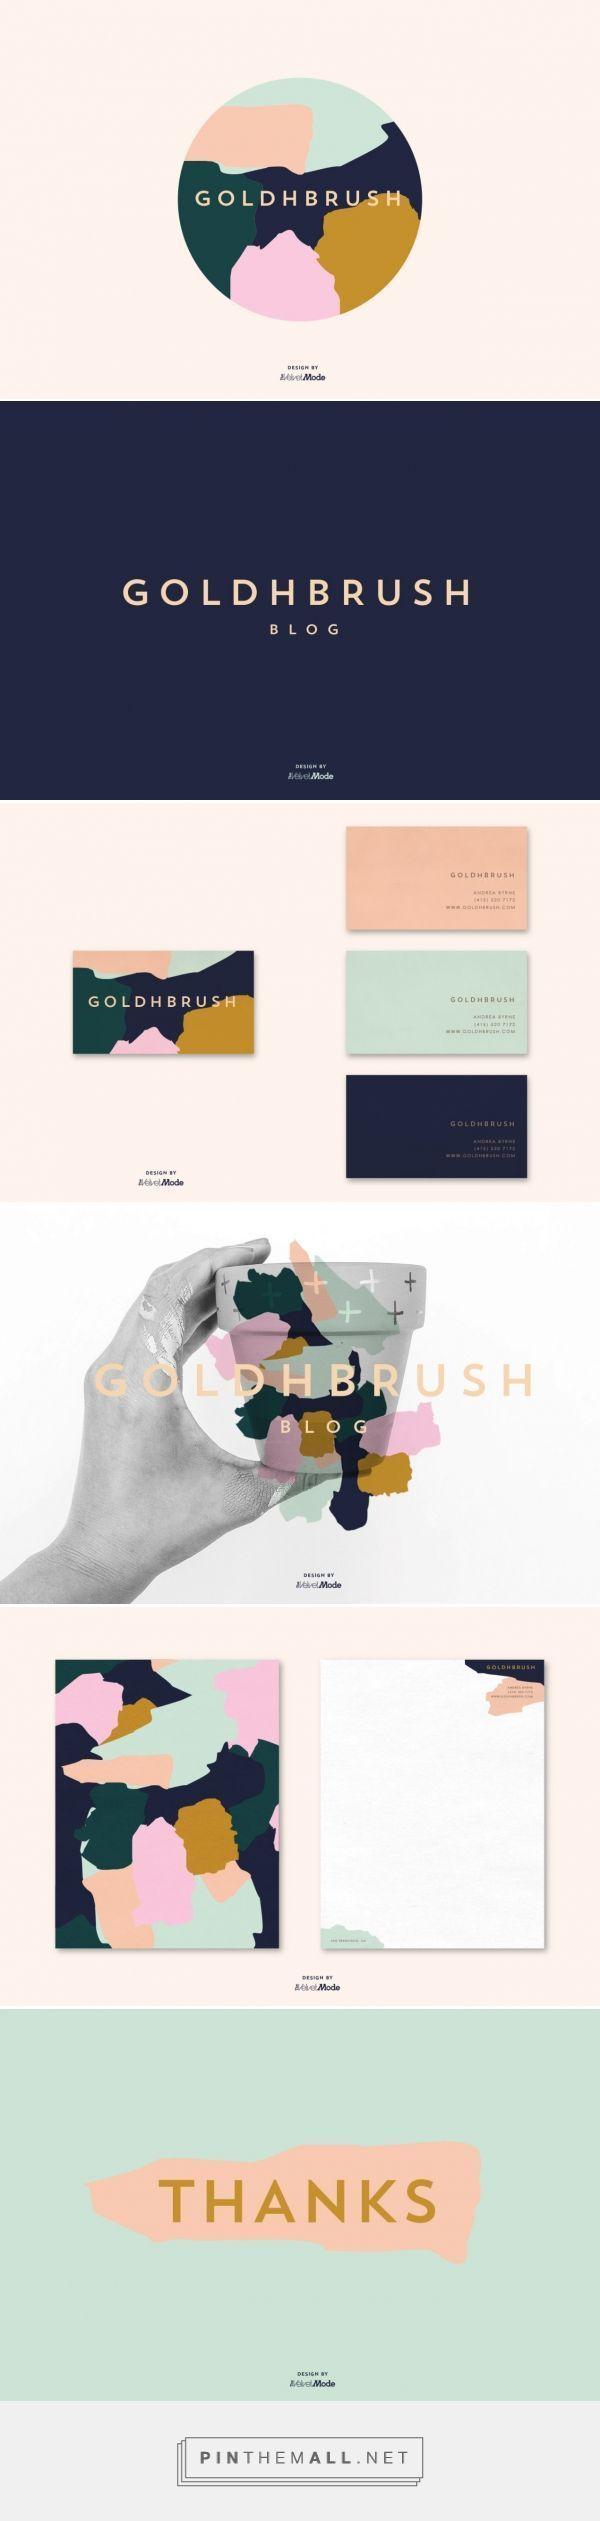 Branding für Goldhbrush Blog von The Velvet Mode …